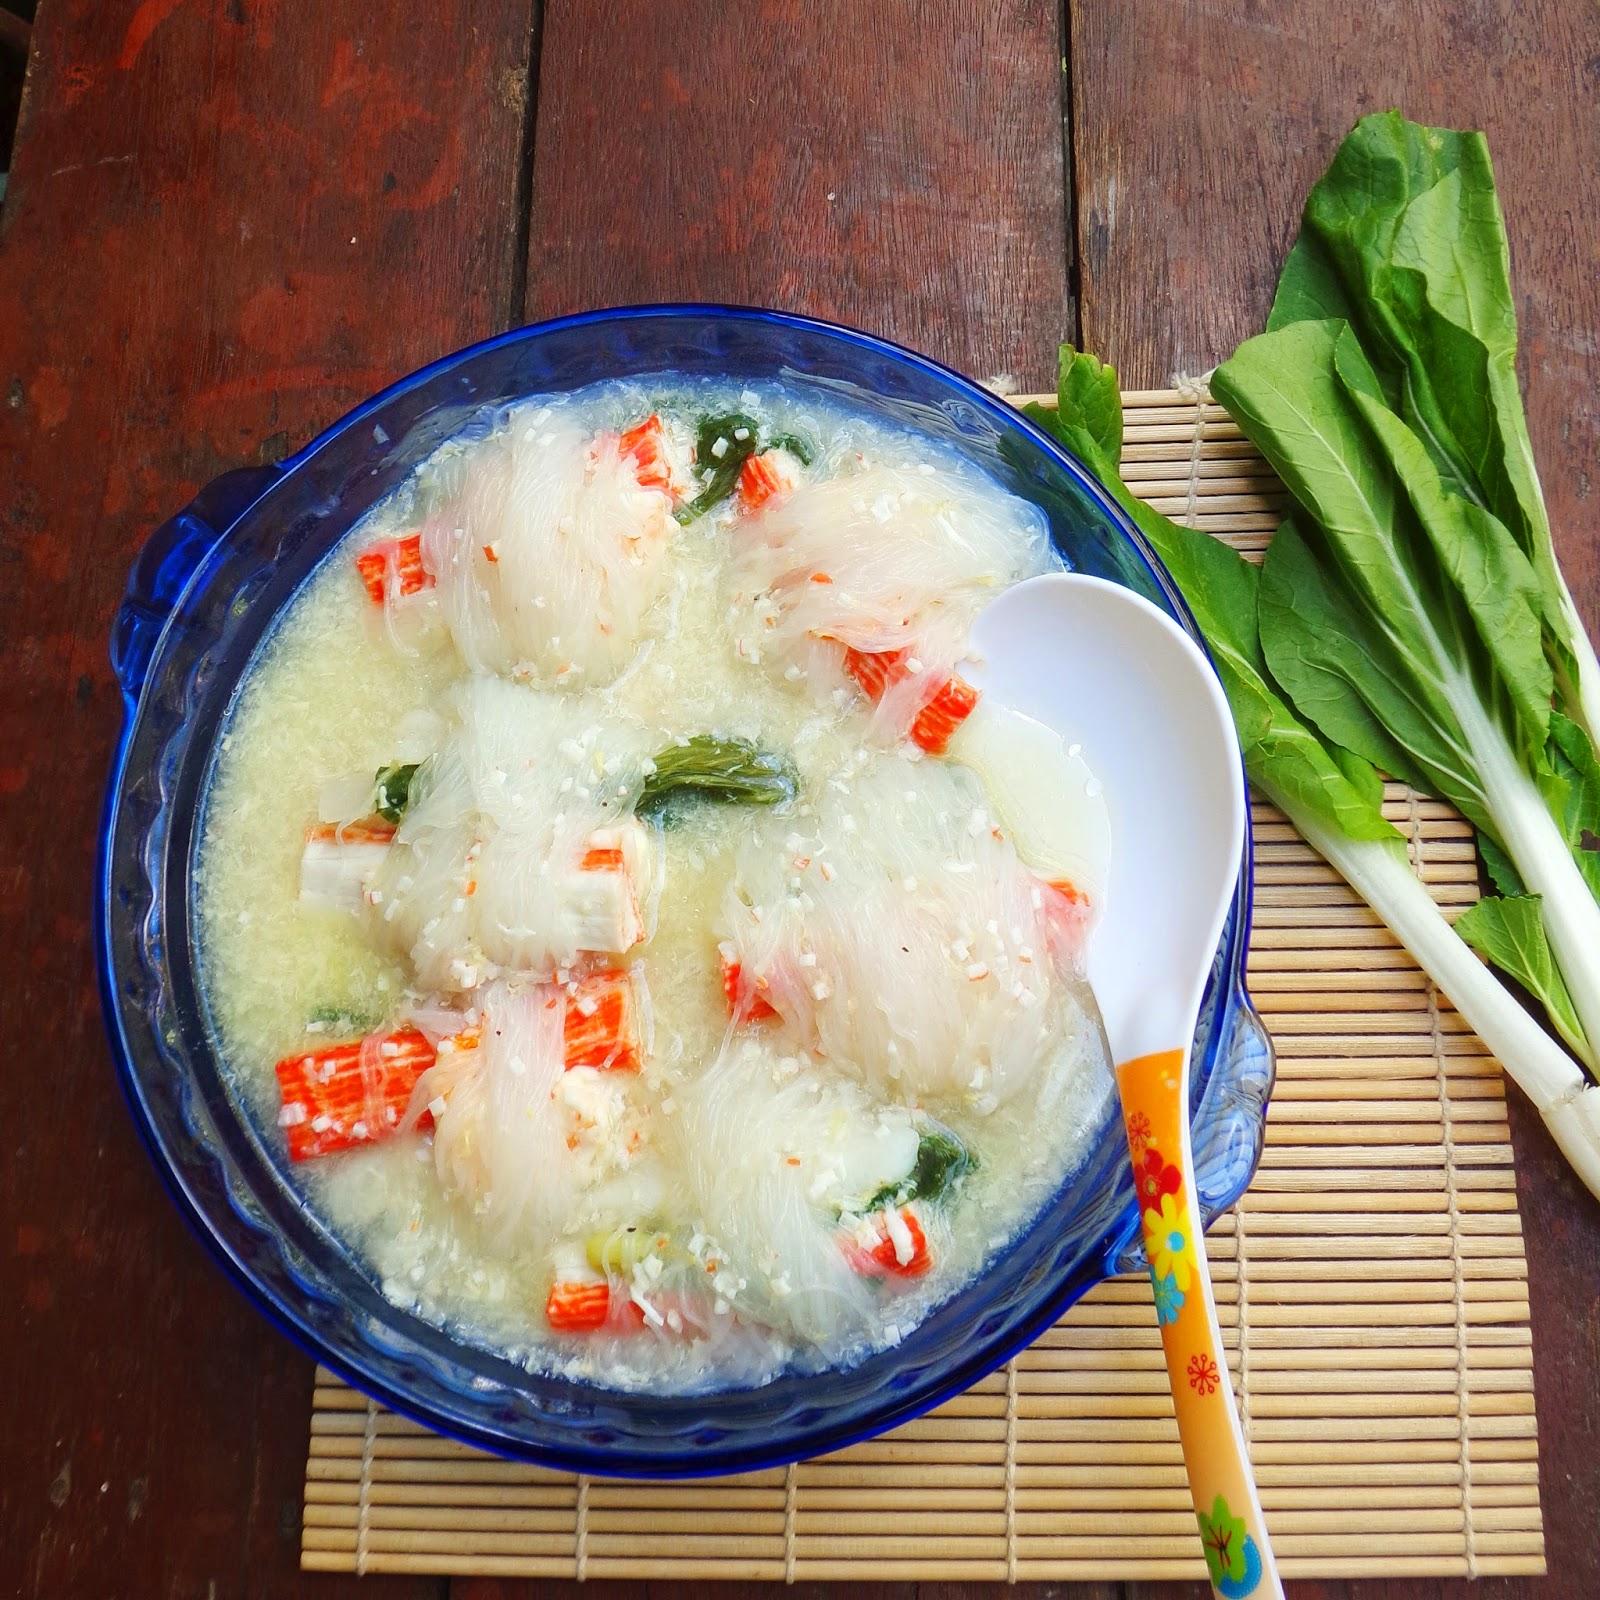 sotanghon recipe, sotanghon soup, sotanghon soup recipe, rice noodles, noodles recipe, vermicelli noodles, chinese noodles